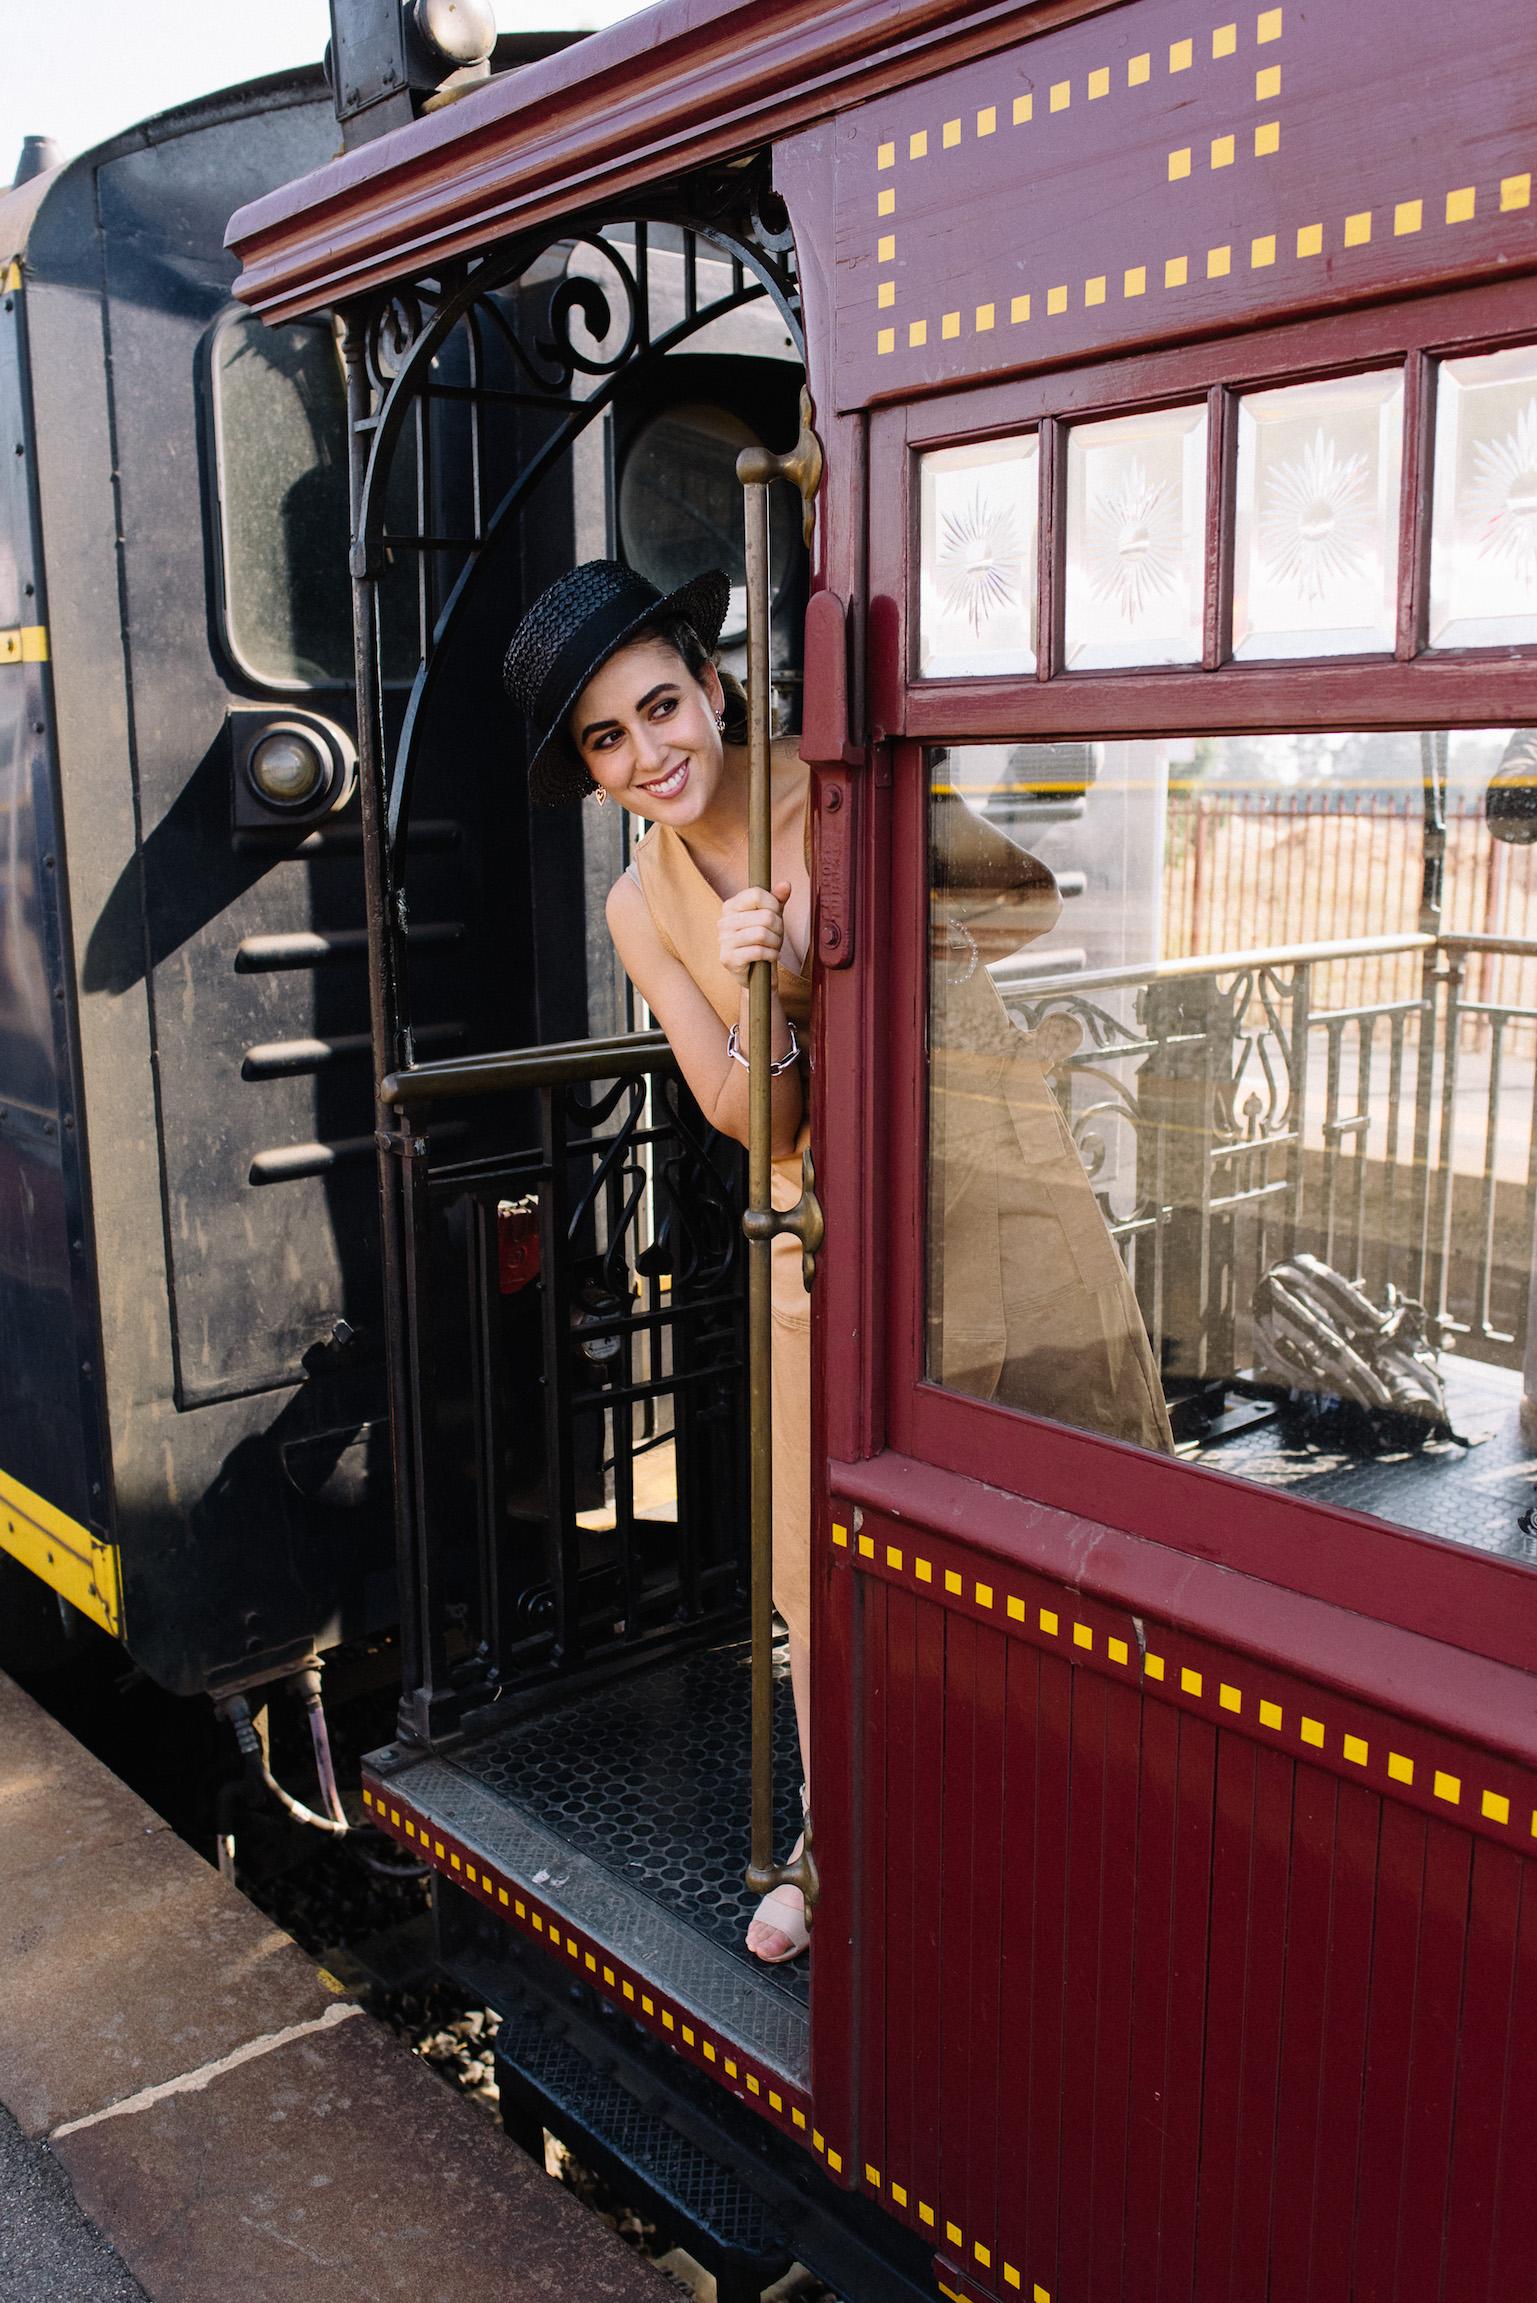 Royal Train - 089.jpg